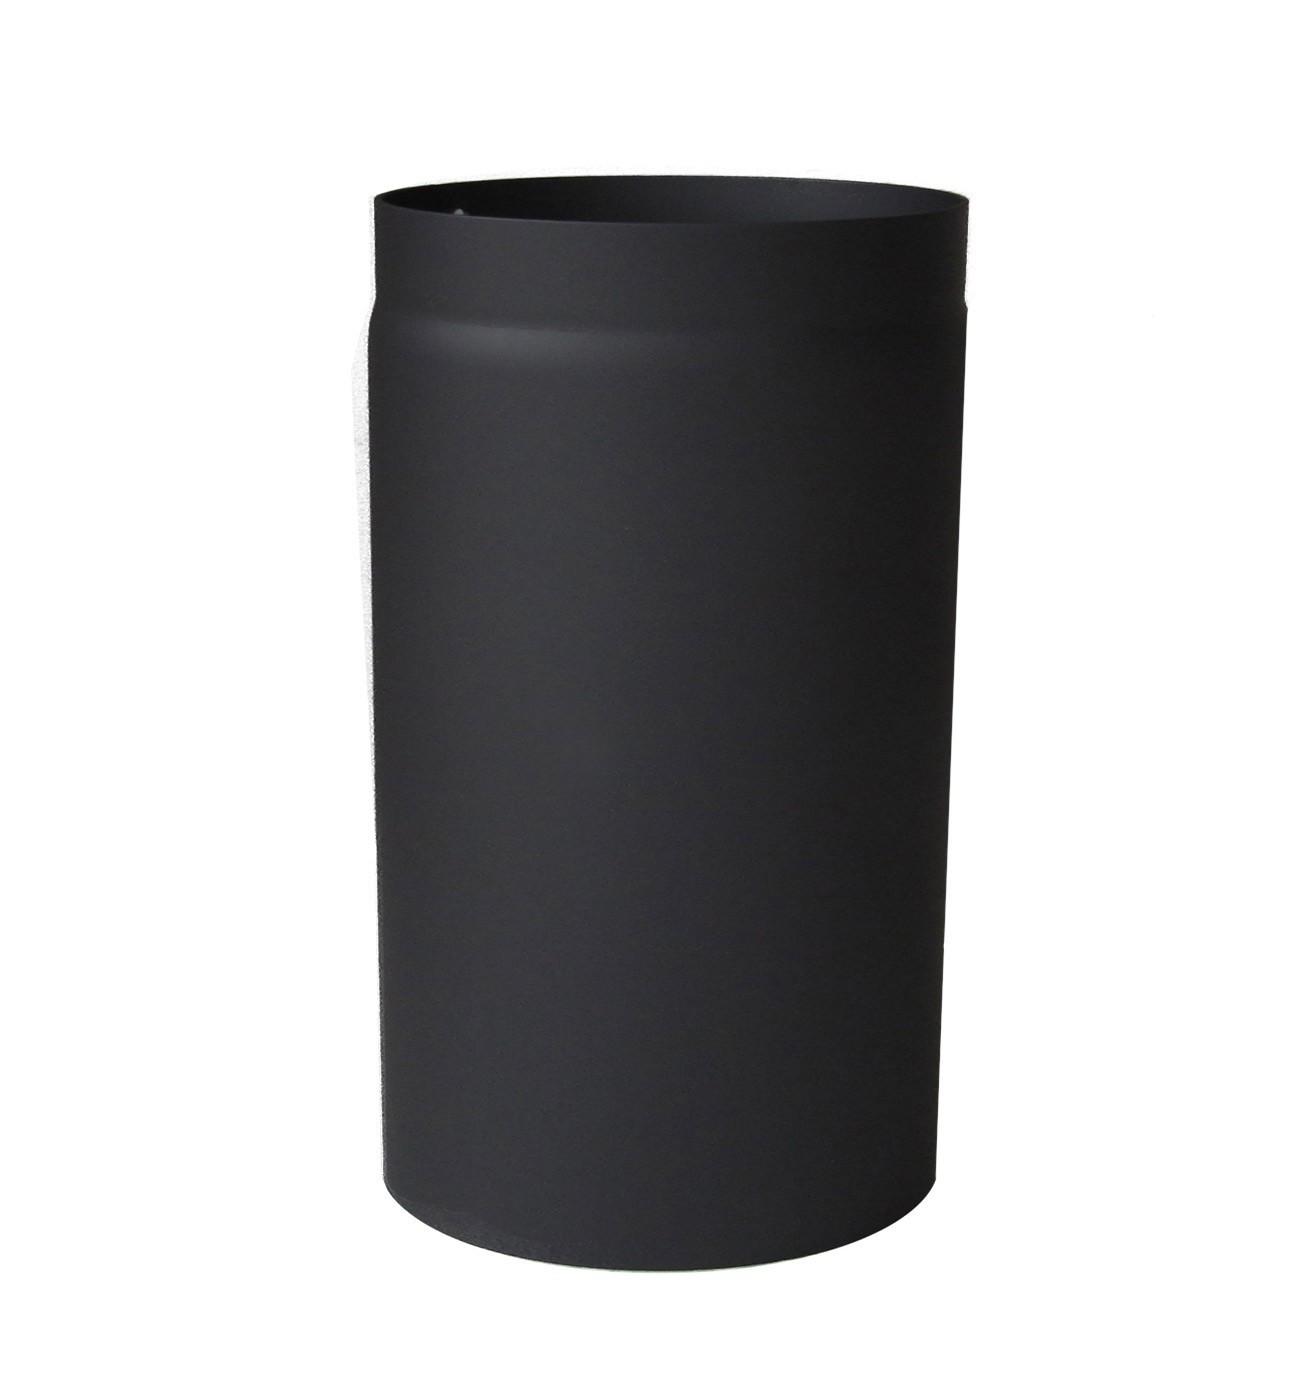 Ofenrohr / Rauchrohr Senotherm schwarz Ø120 mm Länge 250 mm Bild 2